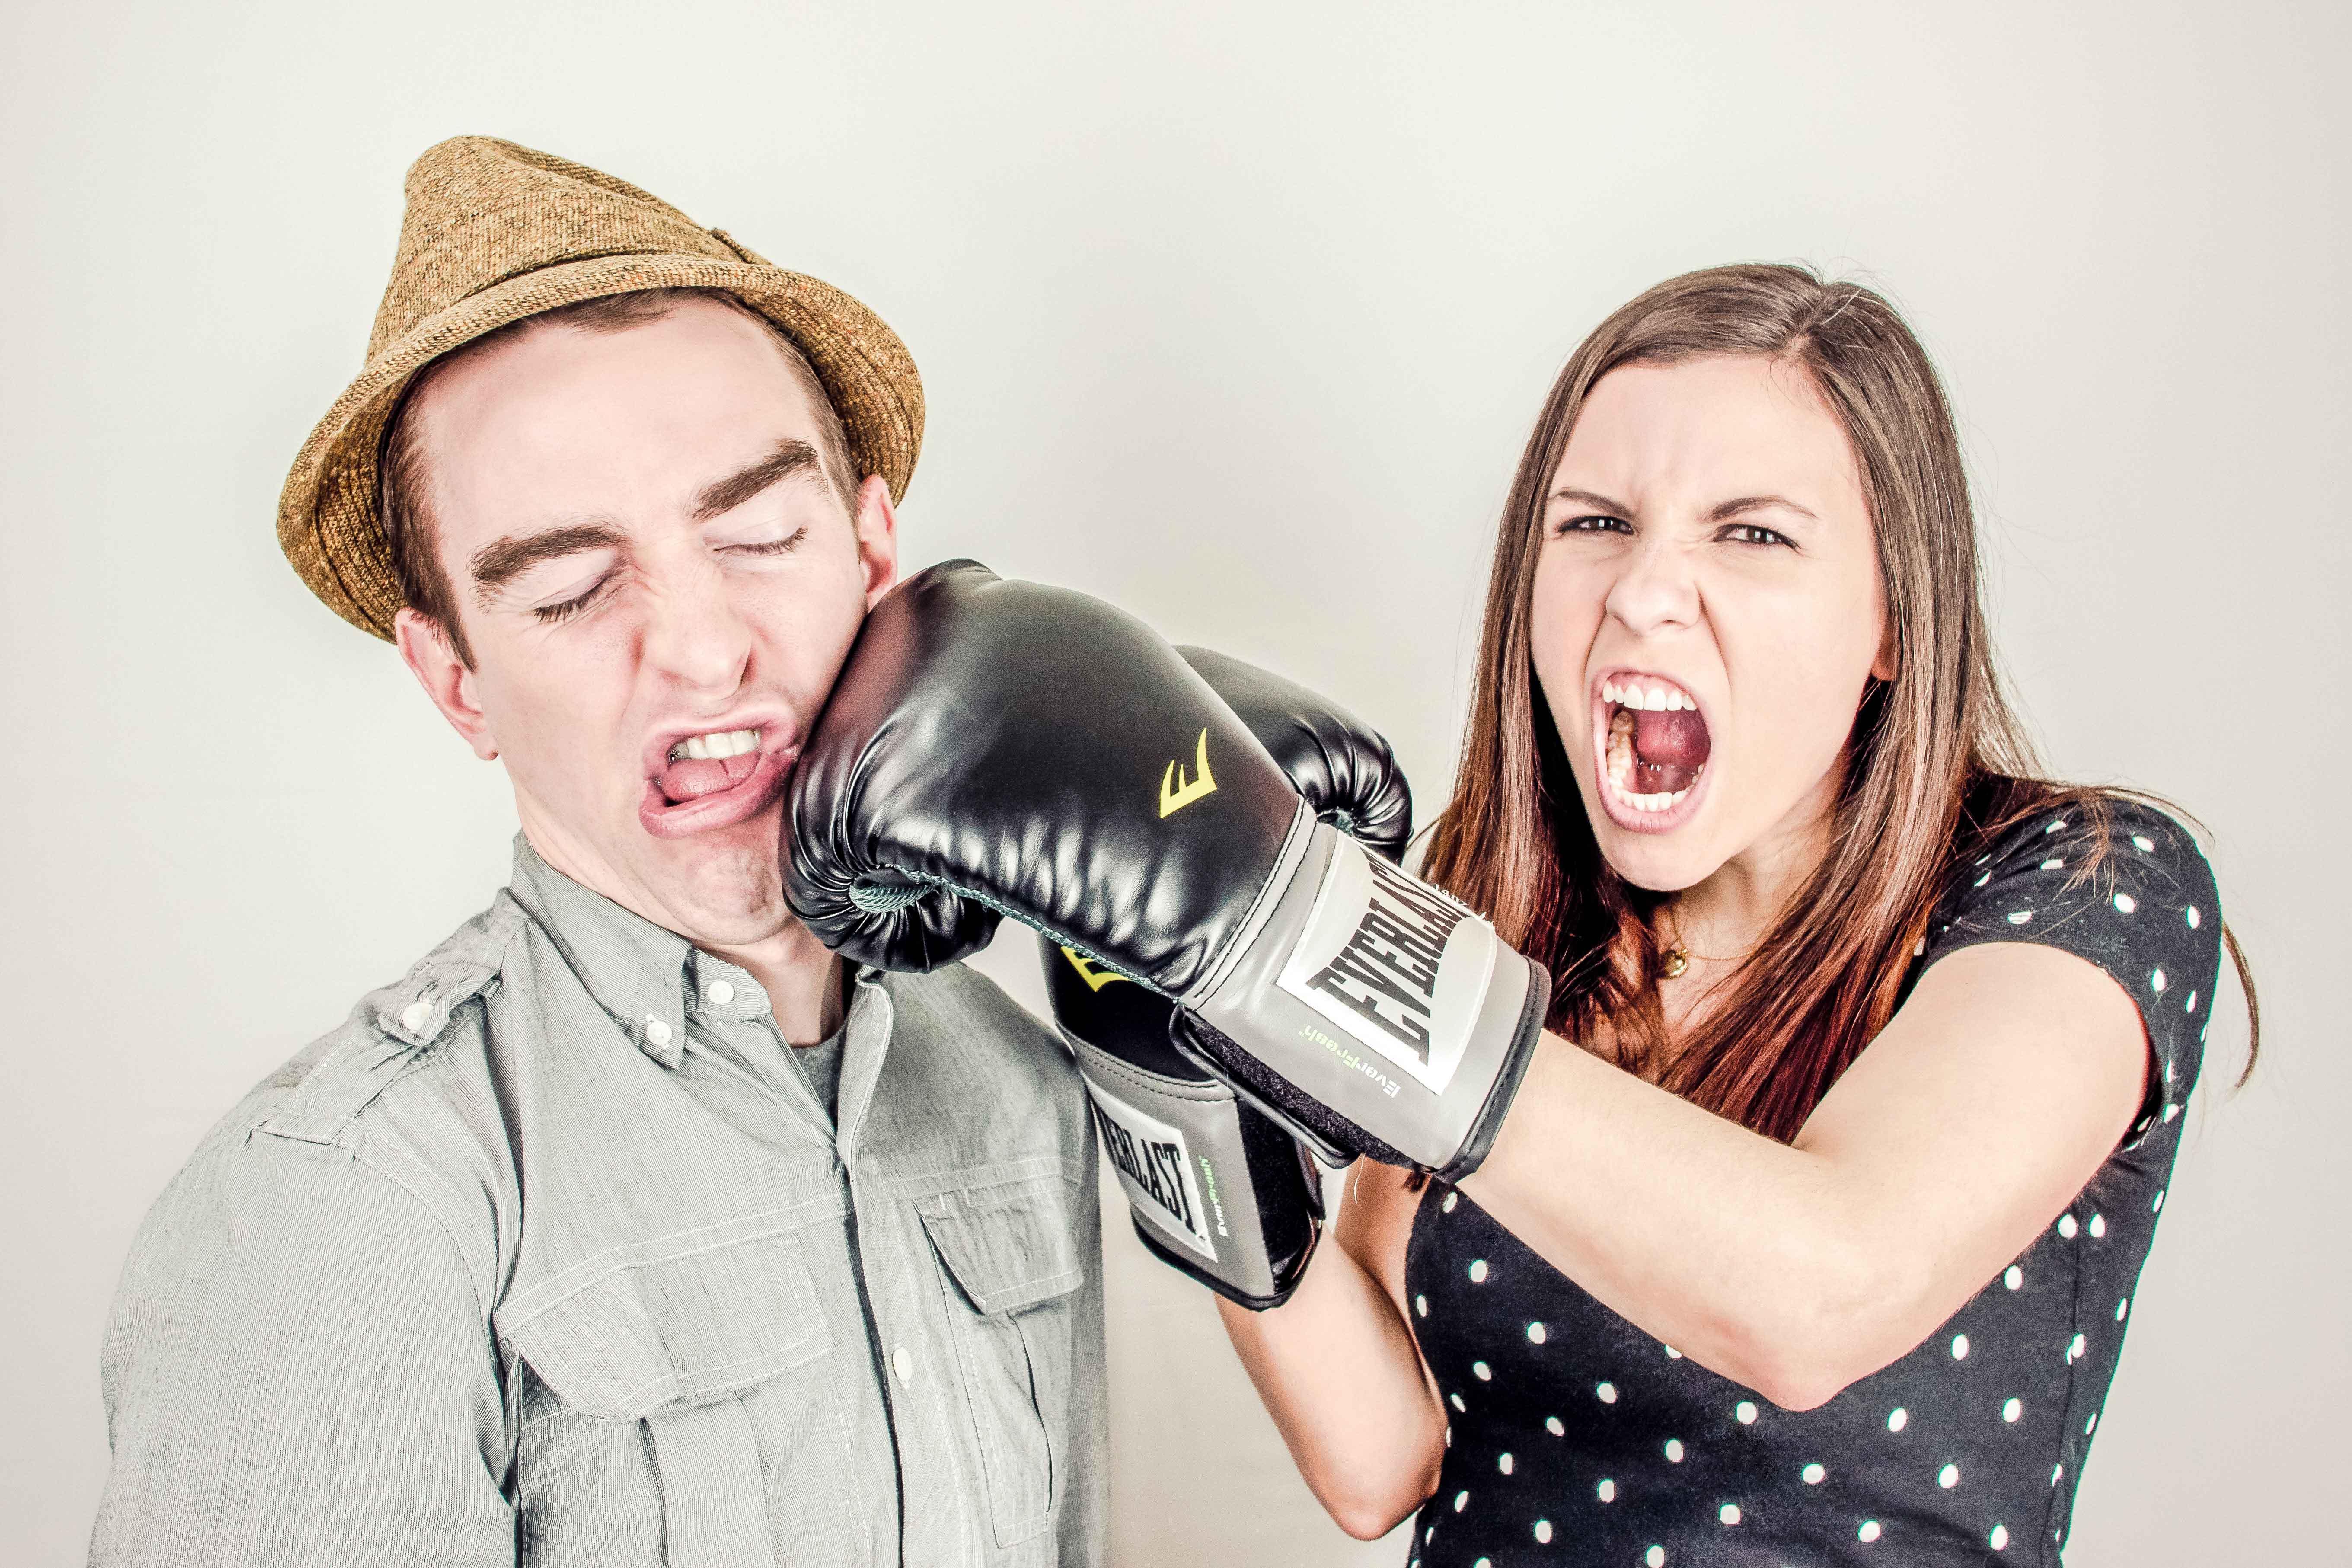 Konflikte mit Kollegen